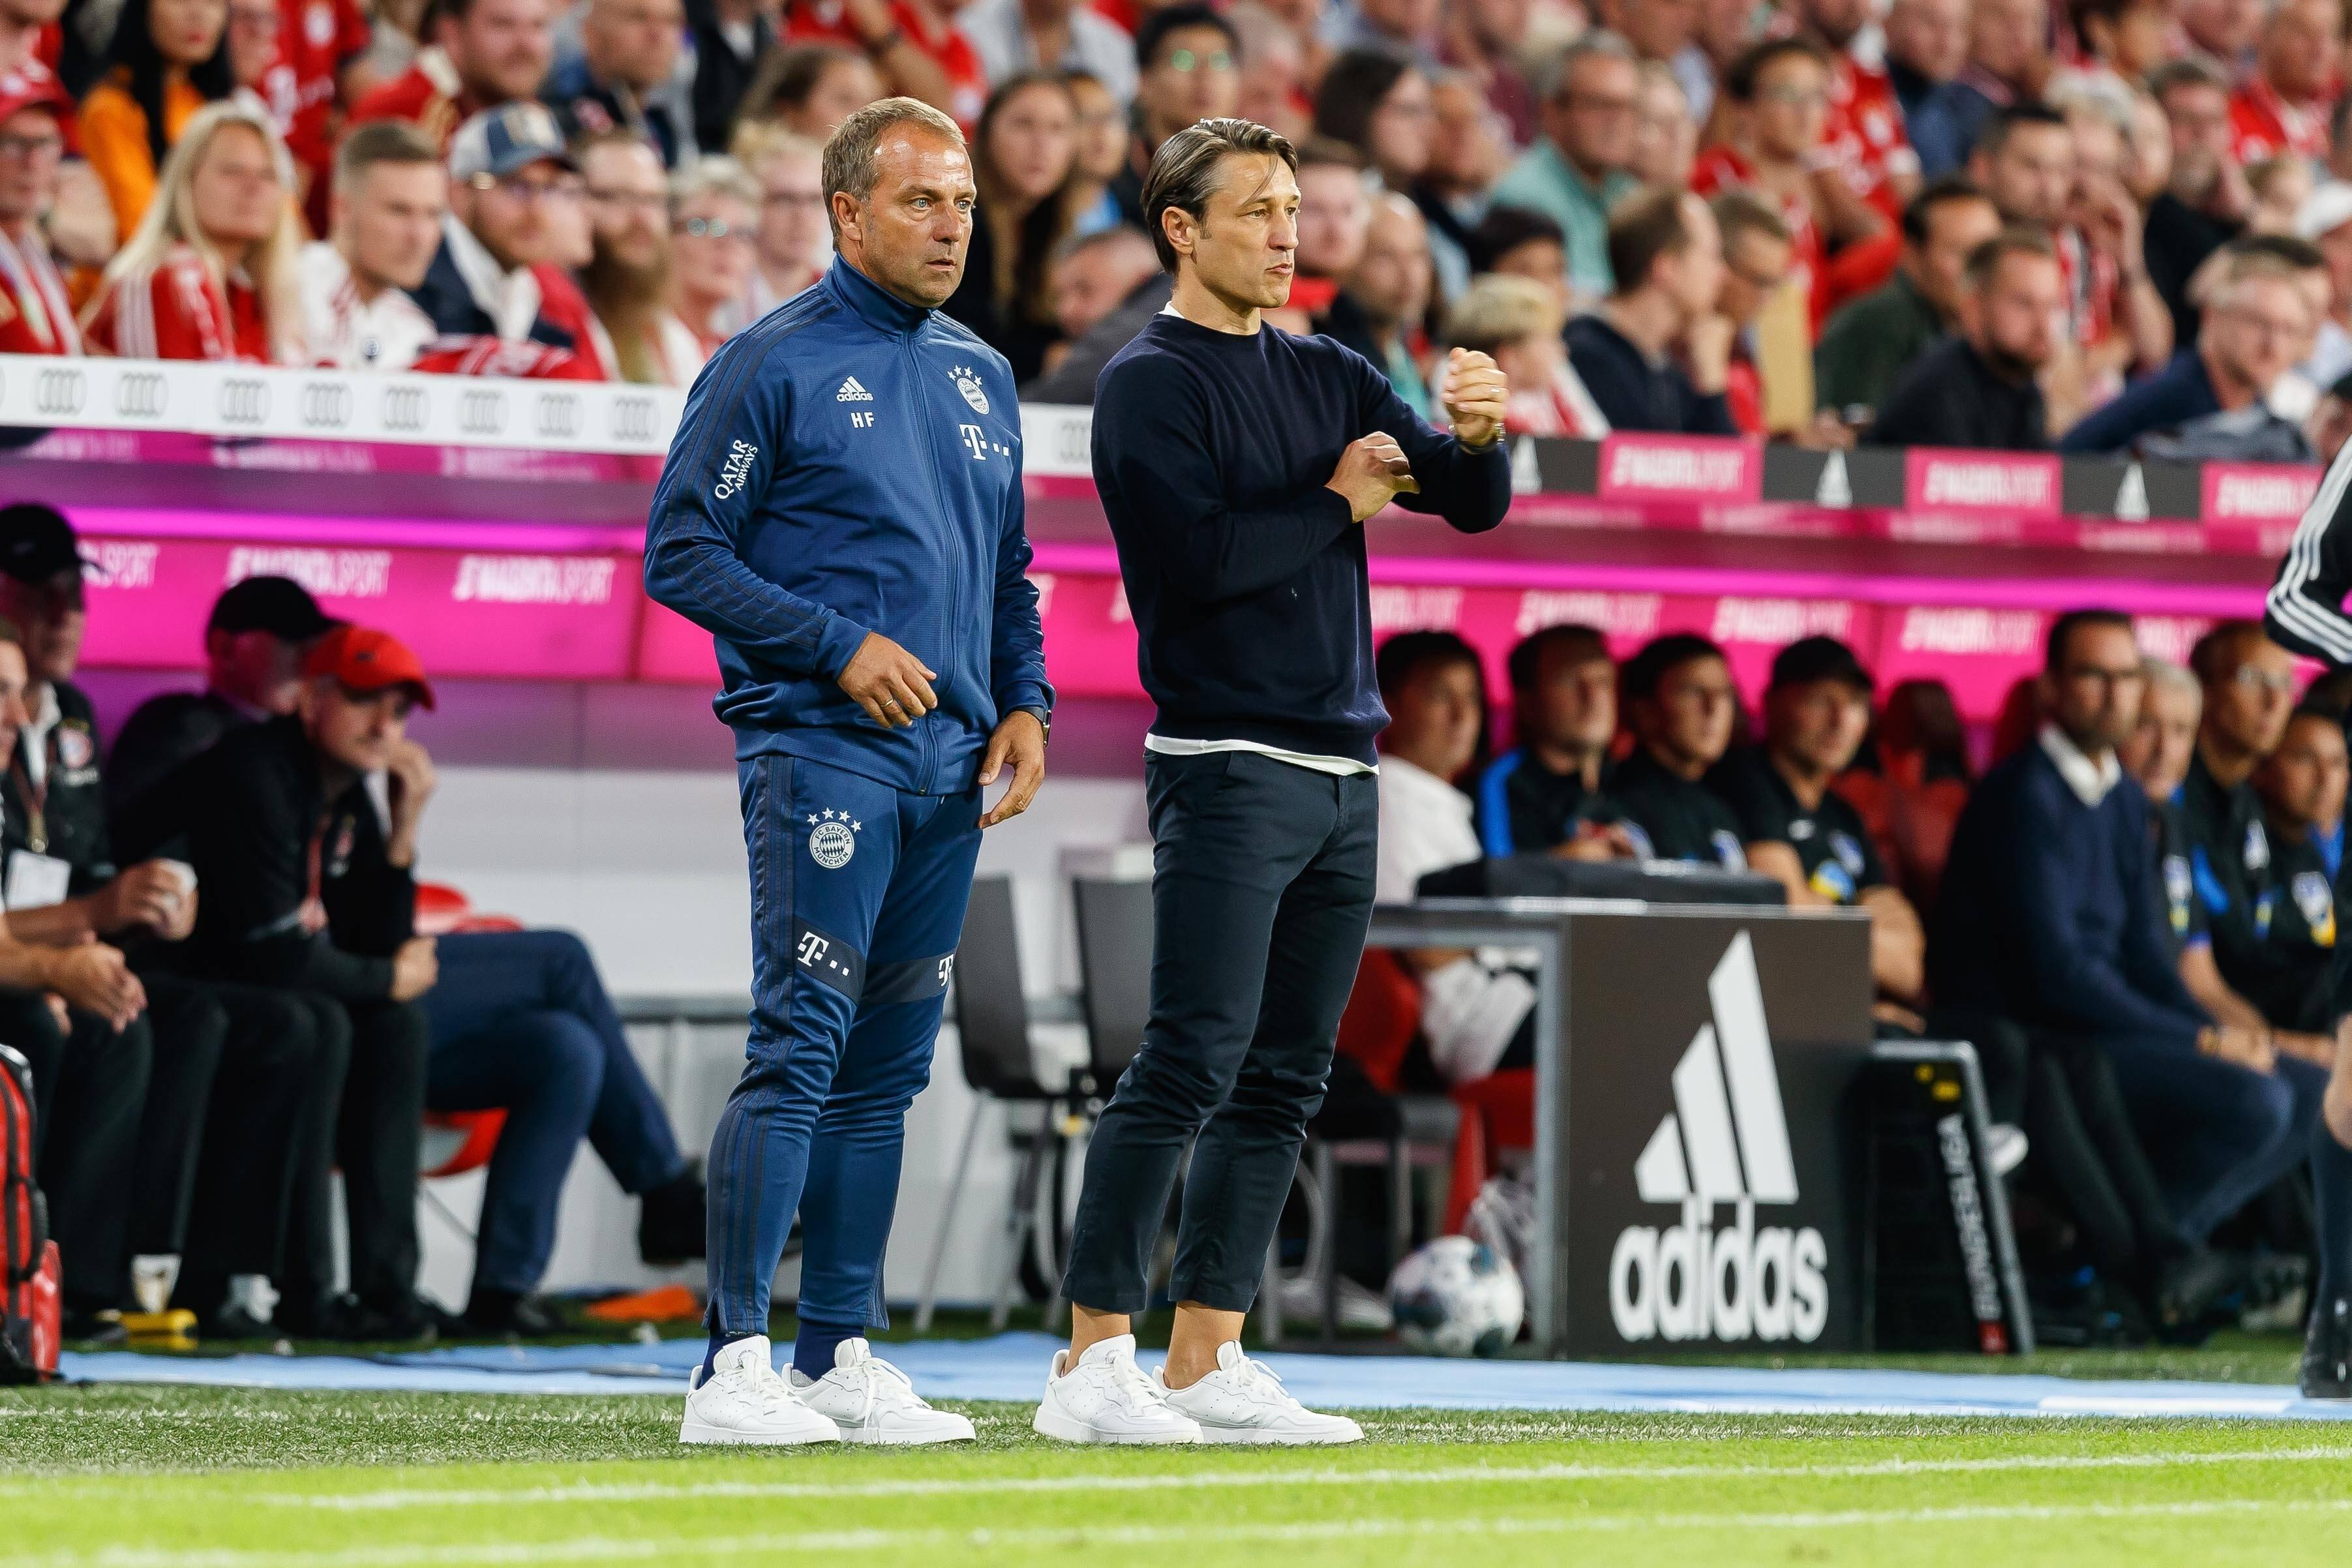 始位德国人!弗里克以球员和教练均获得德国国内双冠王